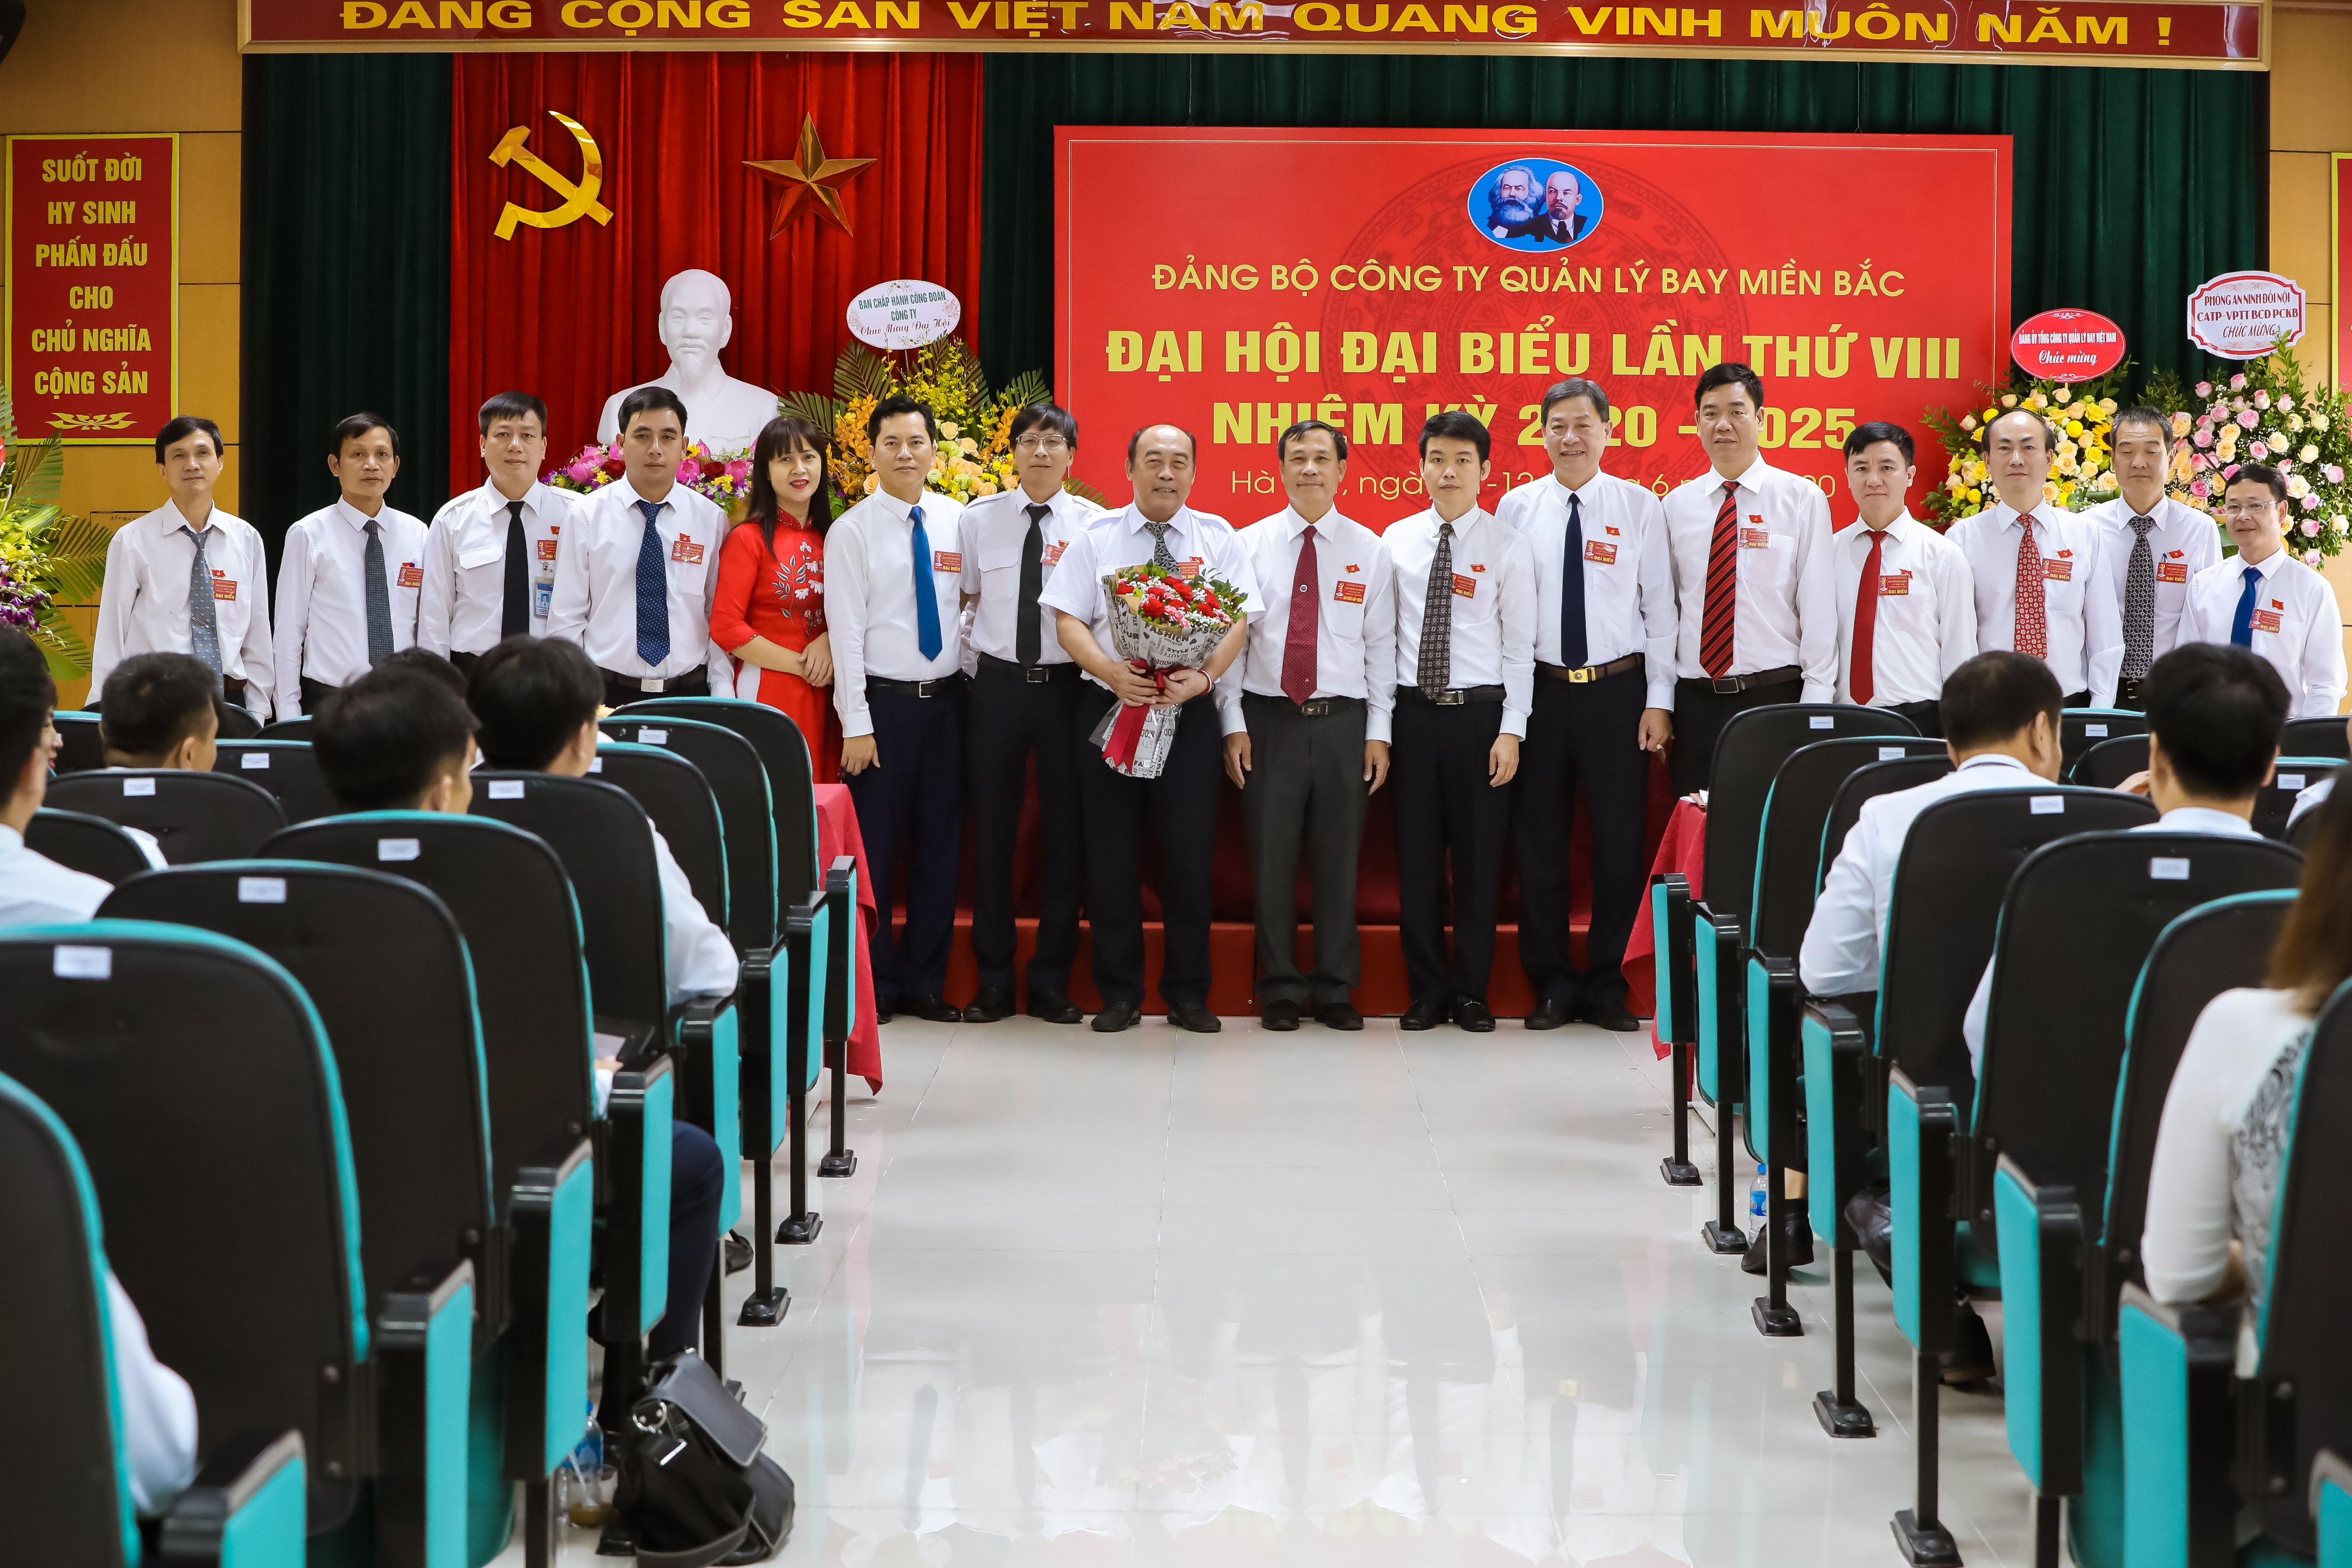 Đại hội Đại biểu Đảng bộ Công ty Quản lý bay miền Bắc lần thứ VIII, nhiệm kỳ 2020 – 2025